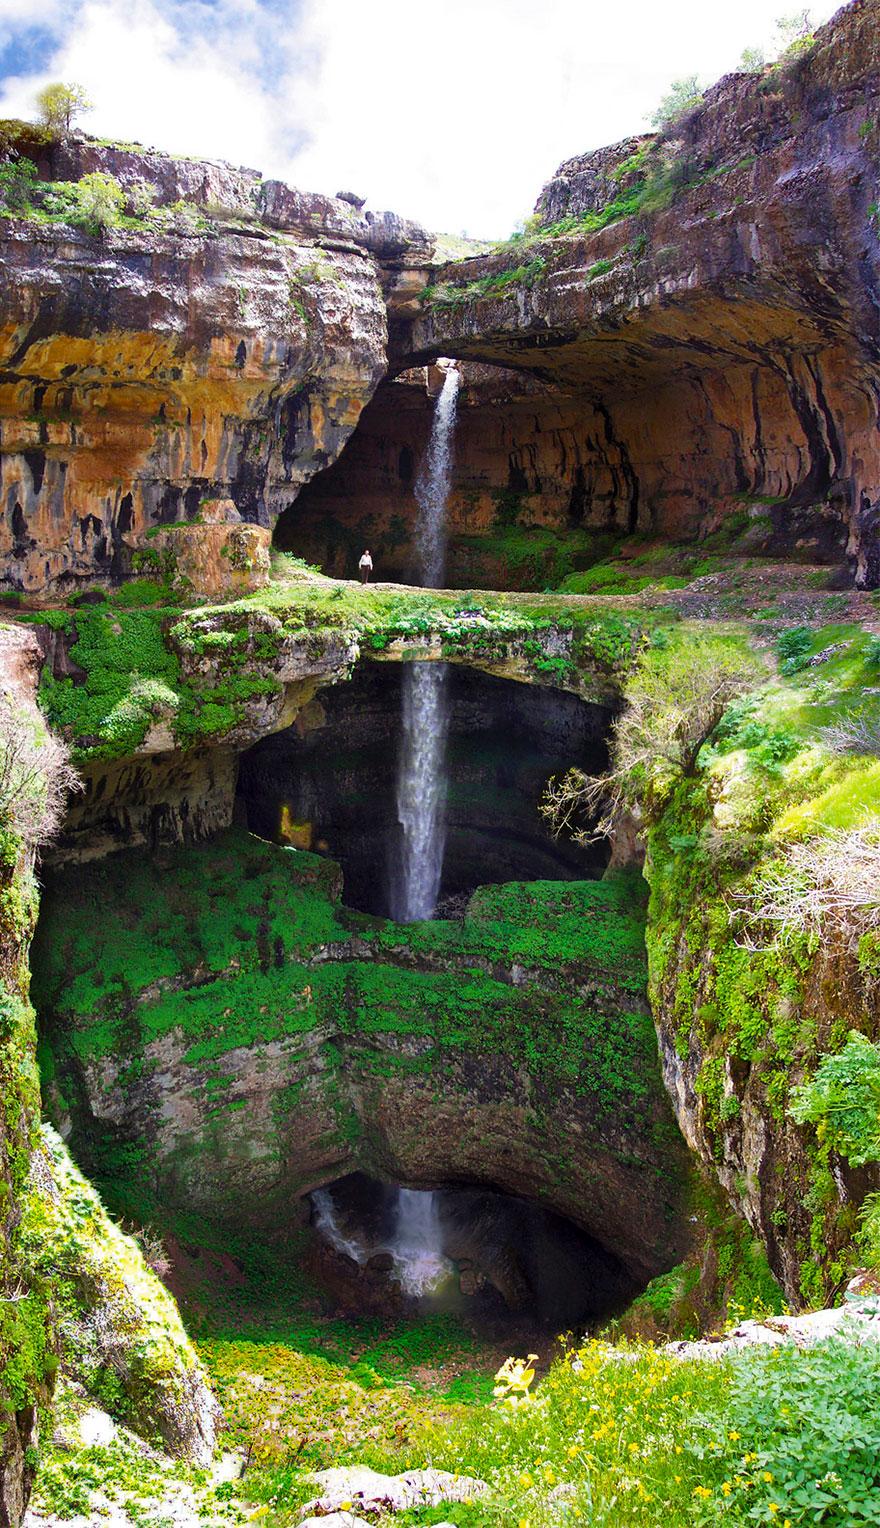 The Cave Of Three Bridges